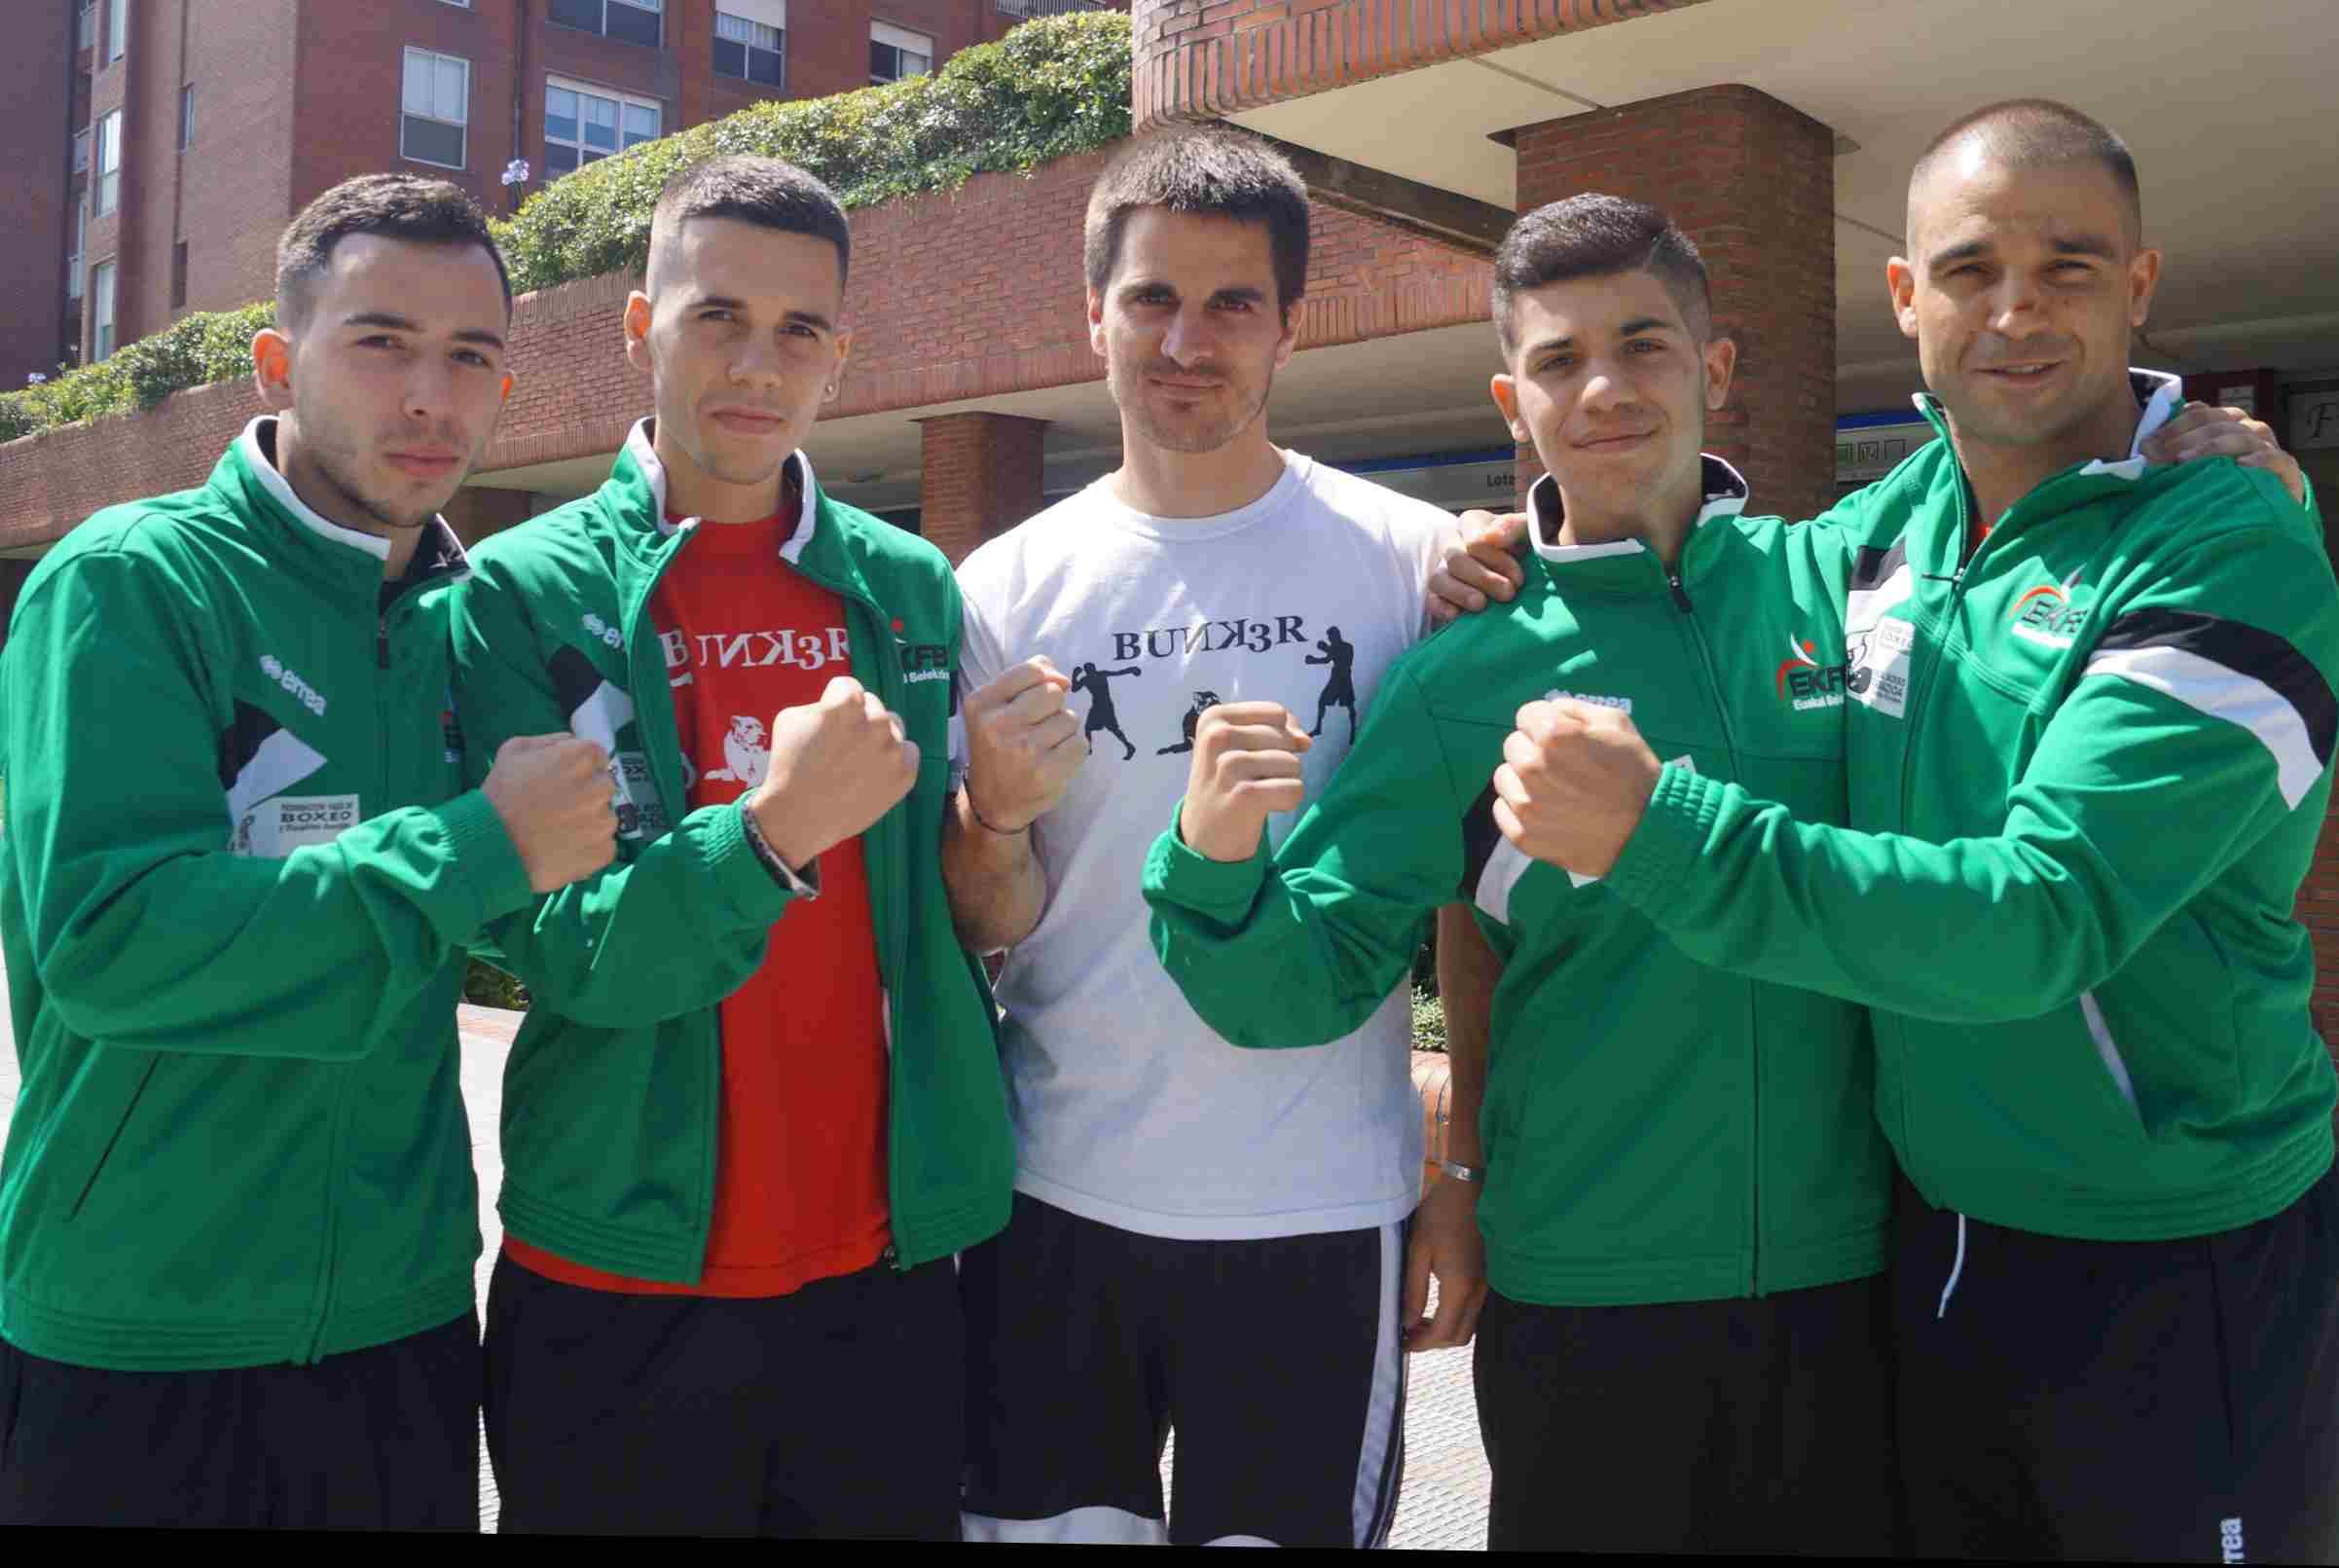 Jon Núñez, Danel Abando, Kepa Sabin, Andoni Domínguez y su padre, junto al gimnasio del Club Bunk3r en Getxo (Bizkaia).